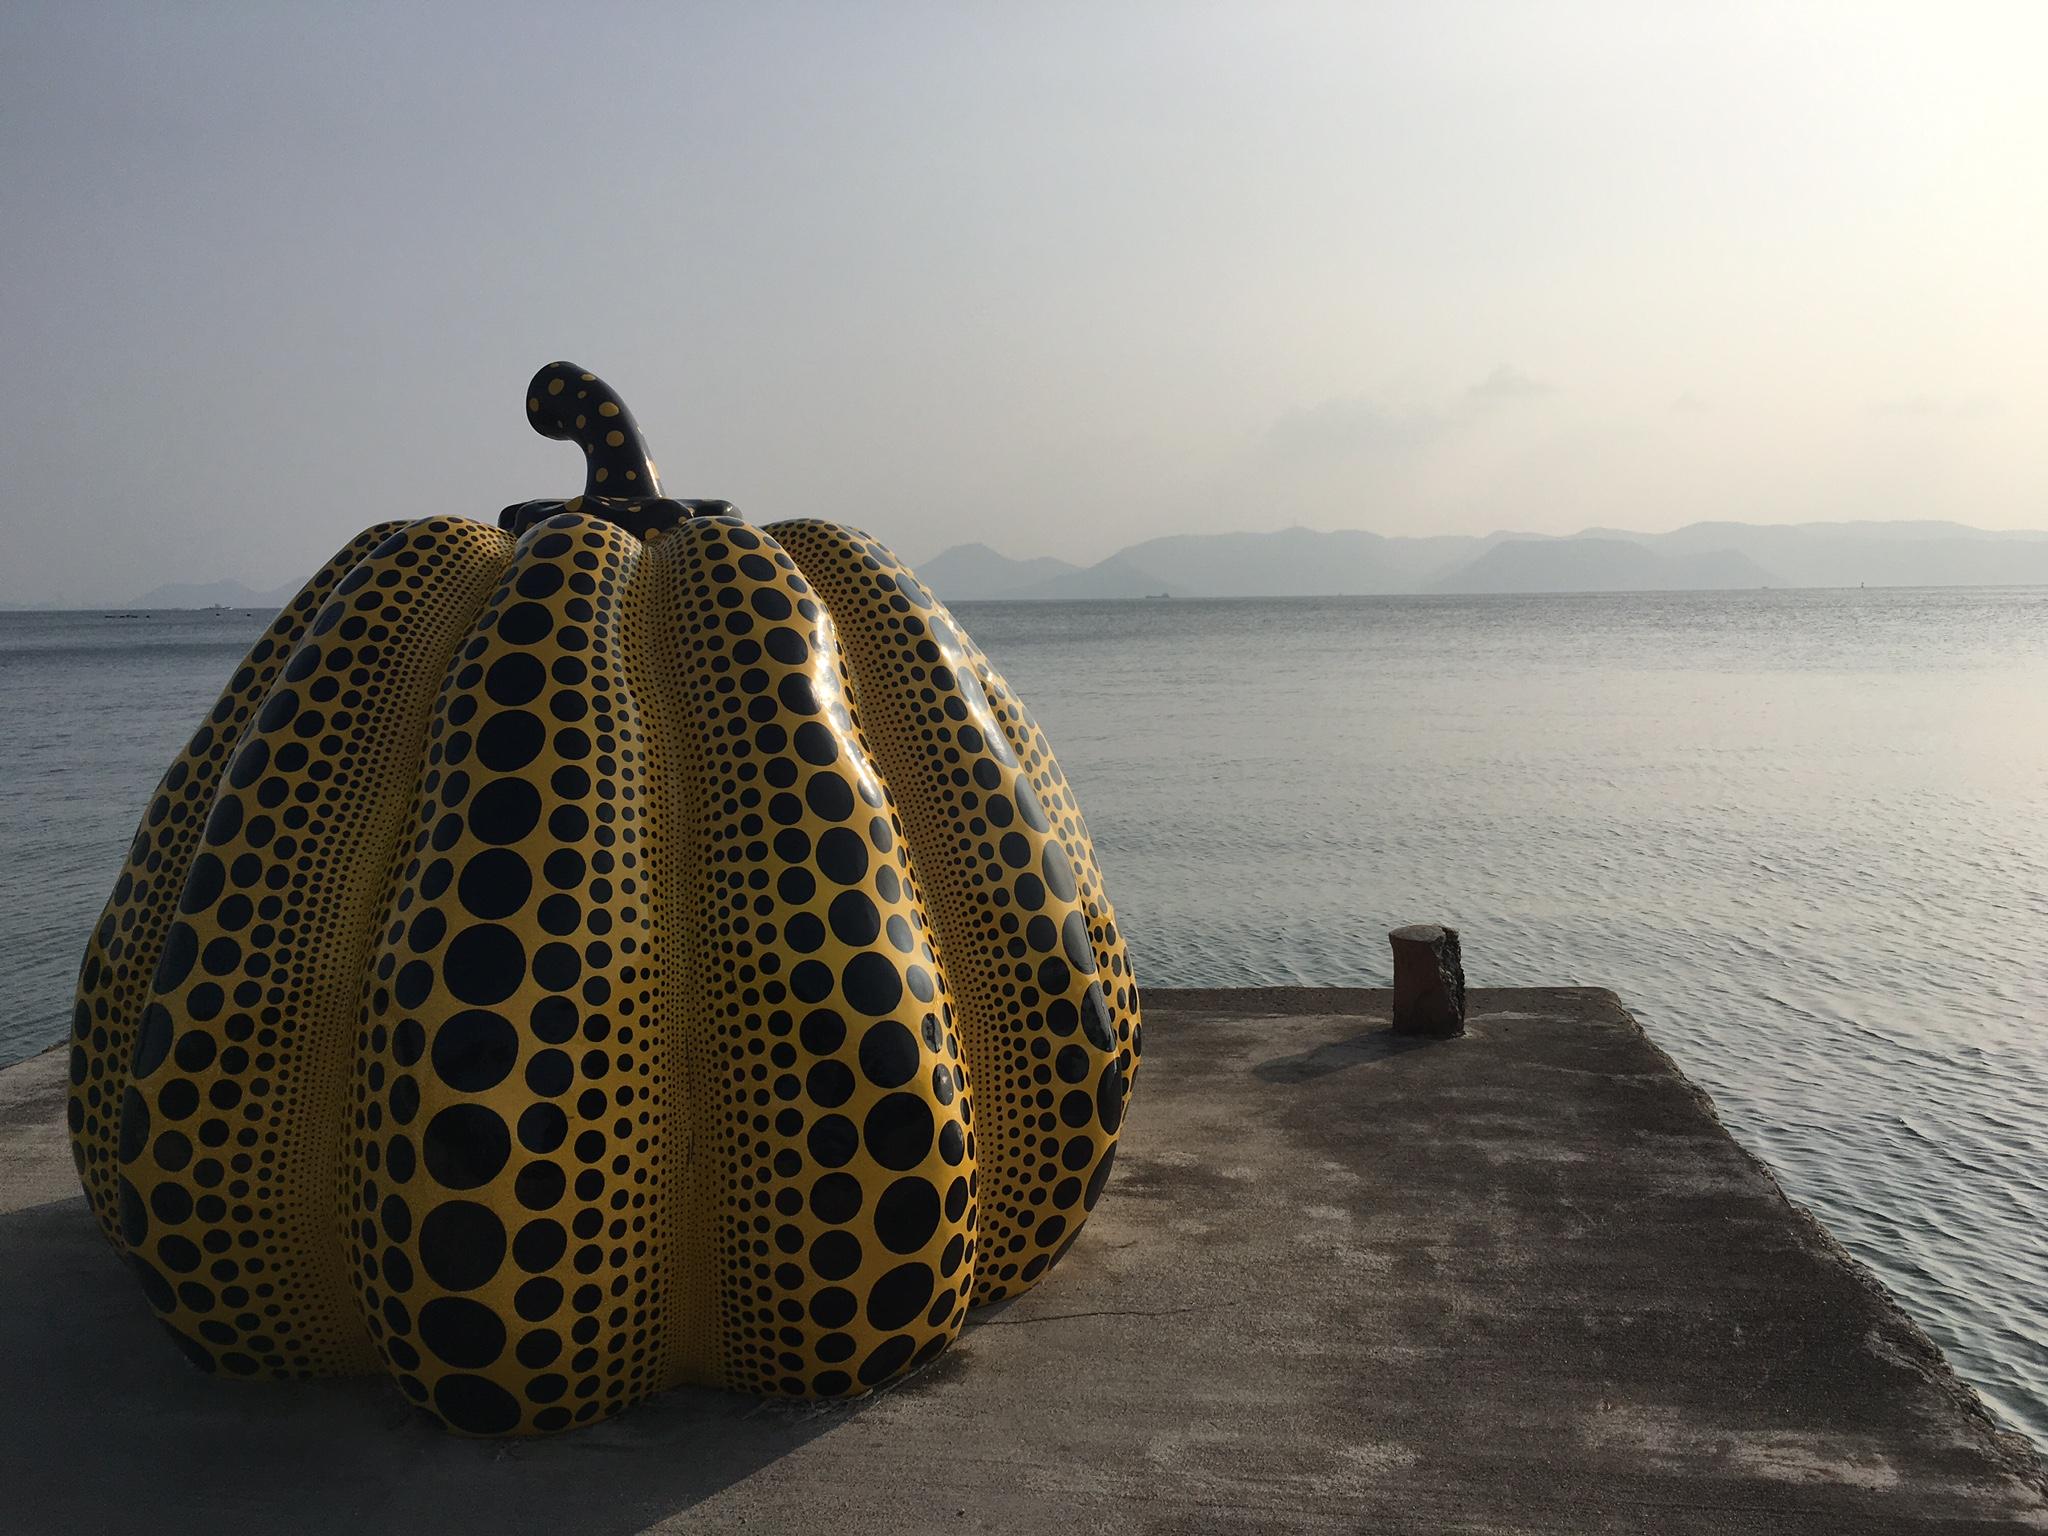 Yayoi Kusama's Yellow Pumpkin